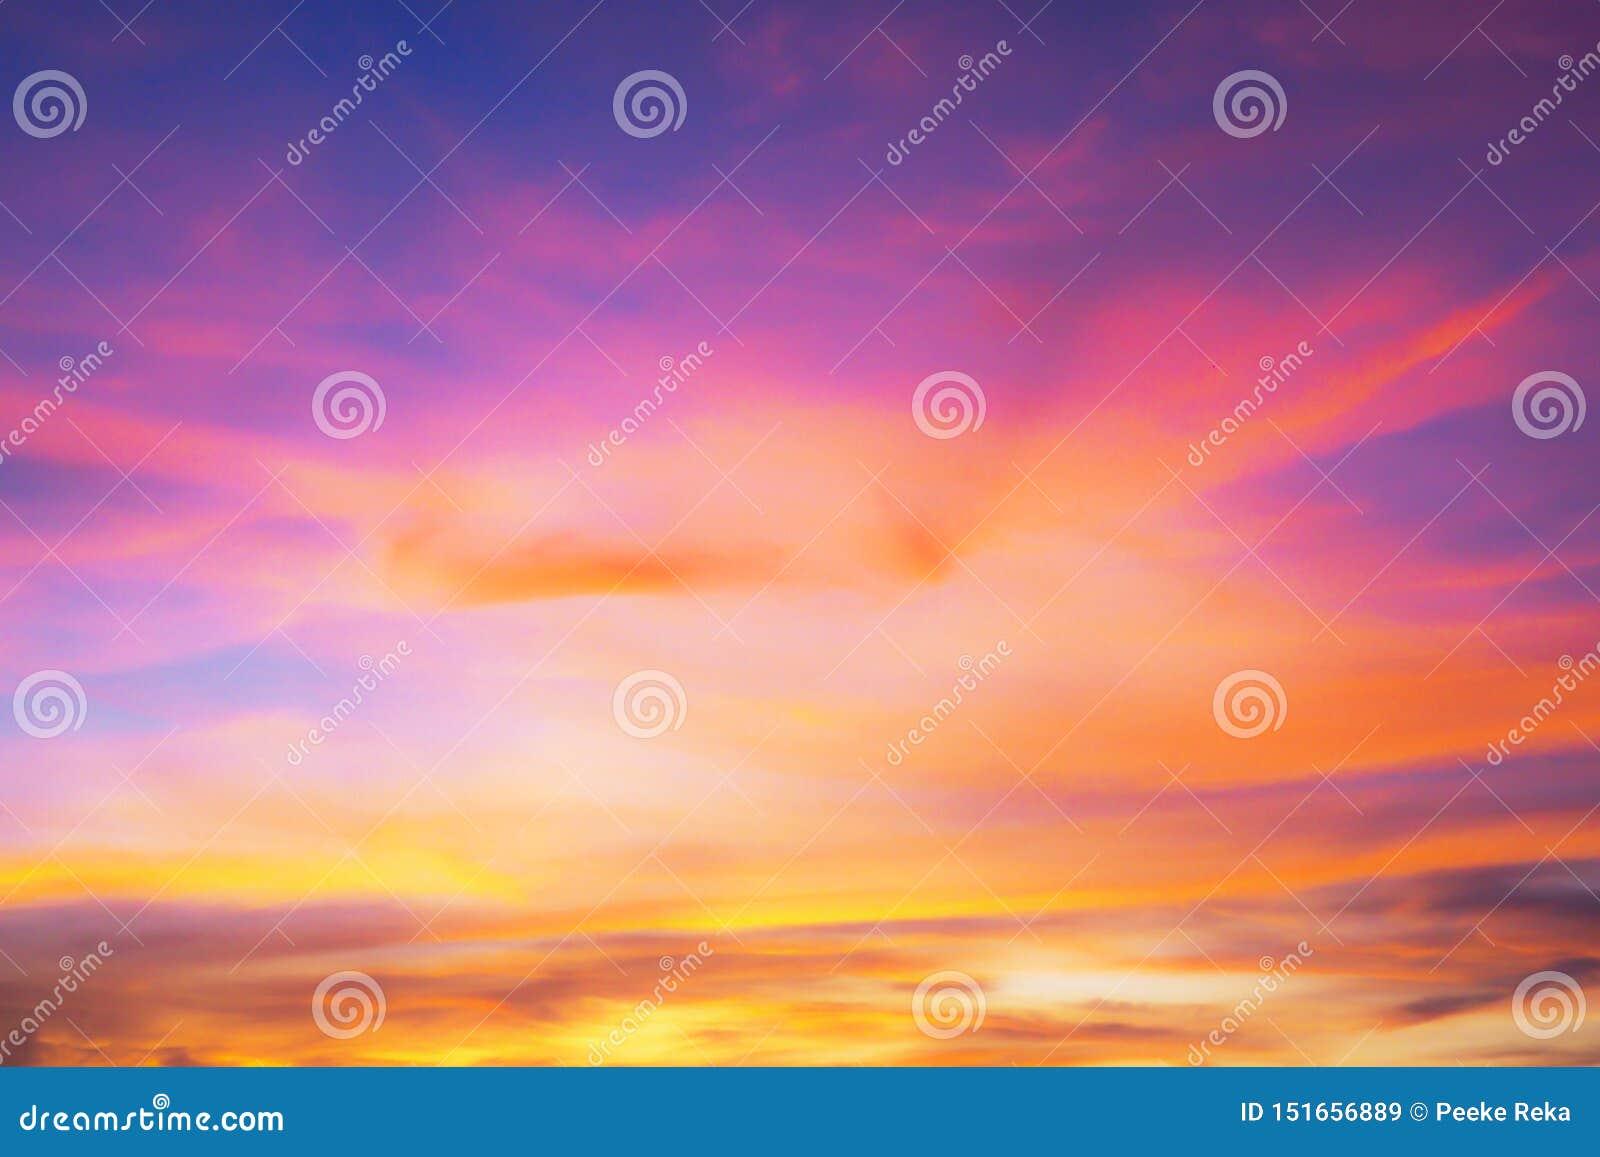 Fondo con el cielo púrpura y rosa oscuro en la puesta del sol